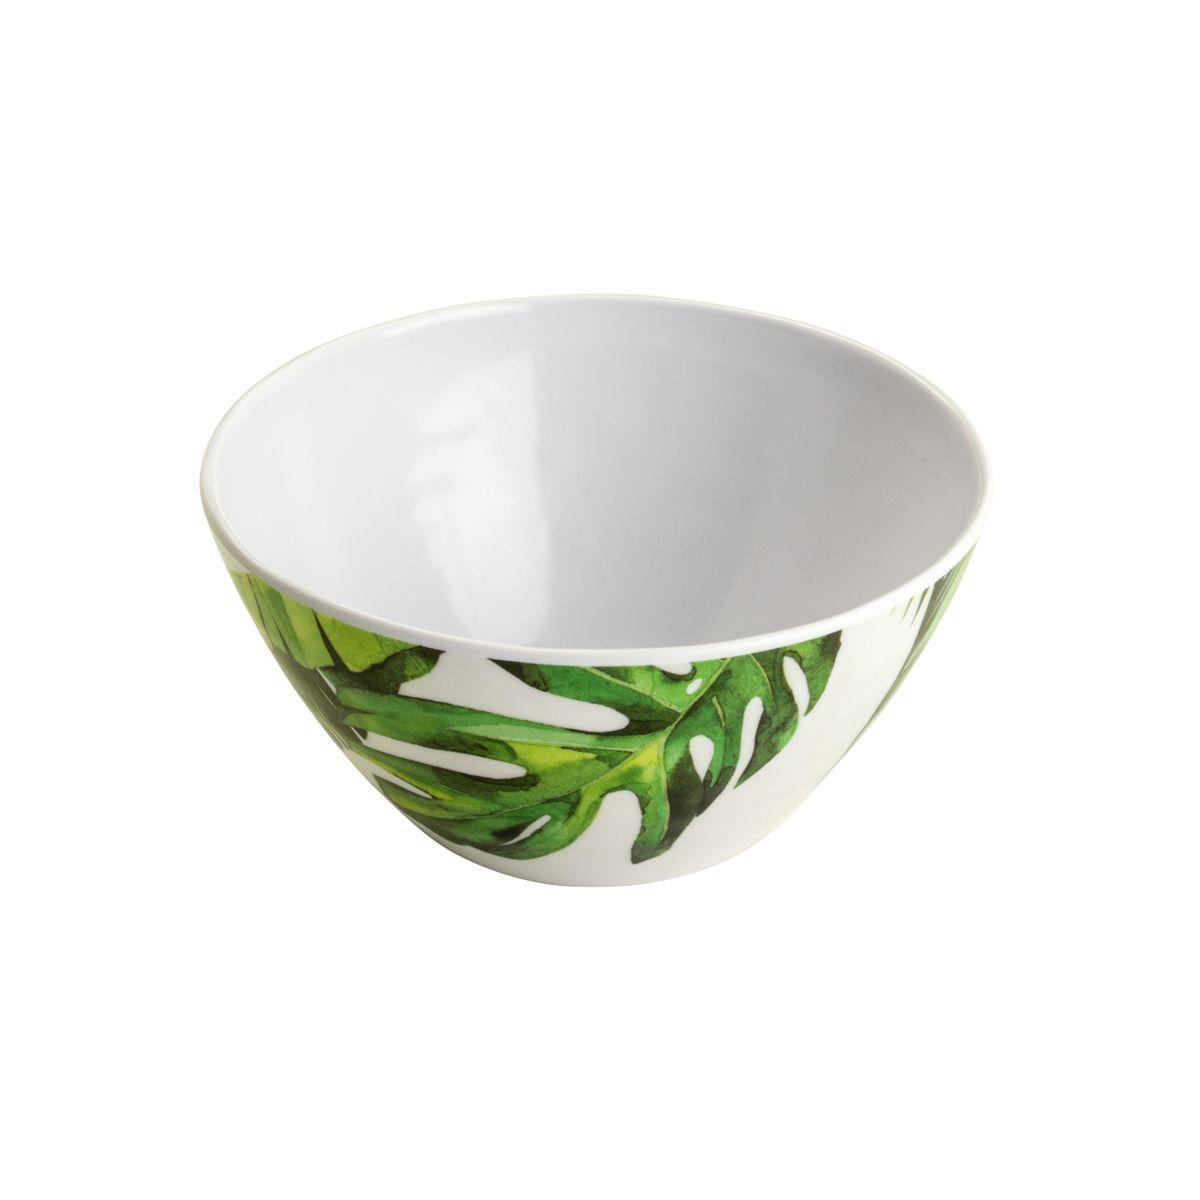 Jg 02 Bowls Folhas de Melamina 15cm